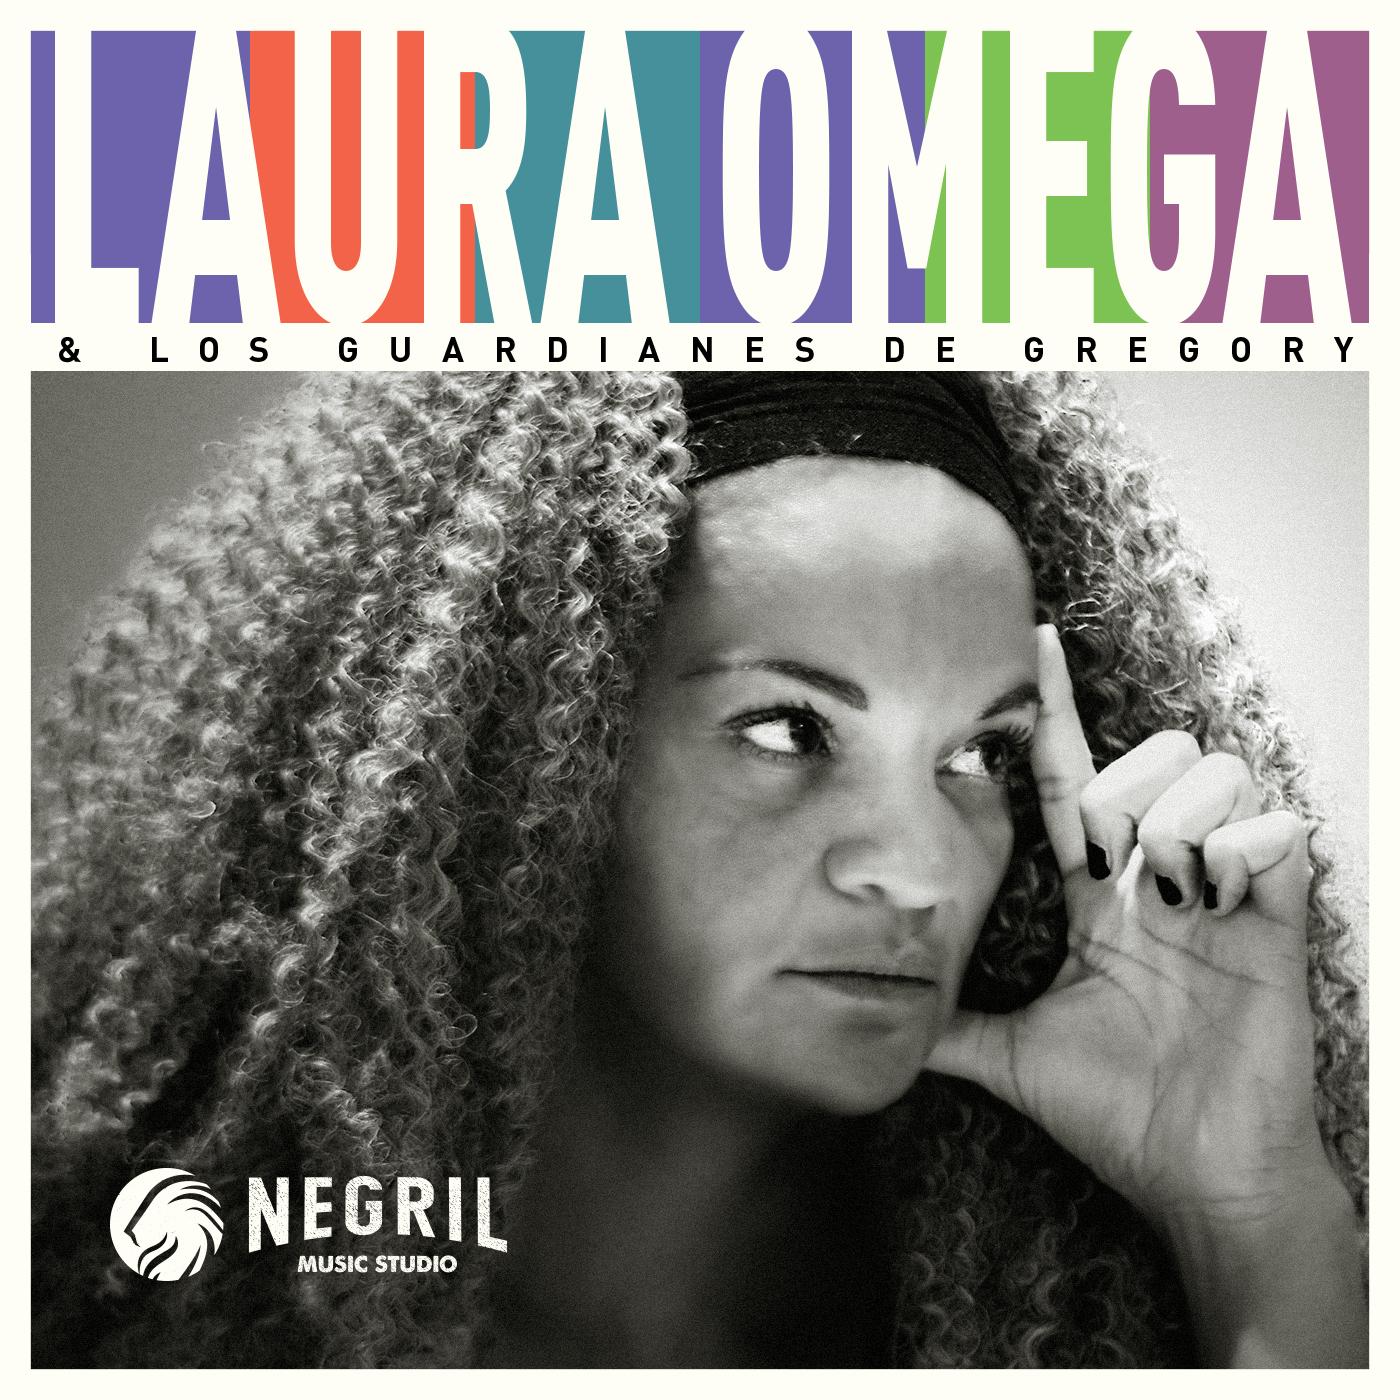 LAURA-OMEGA-NEW-1400x1400